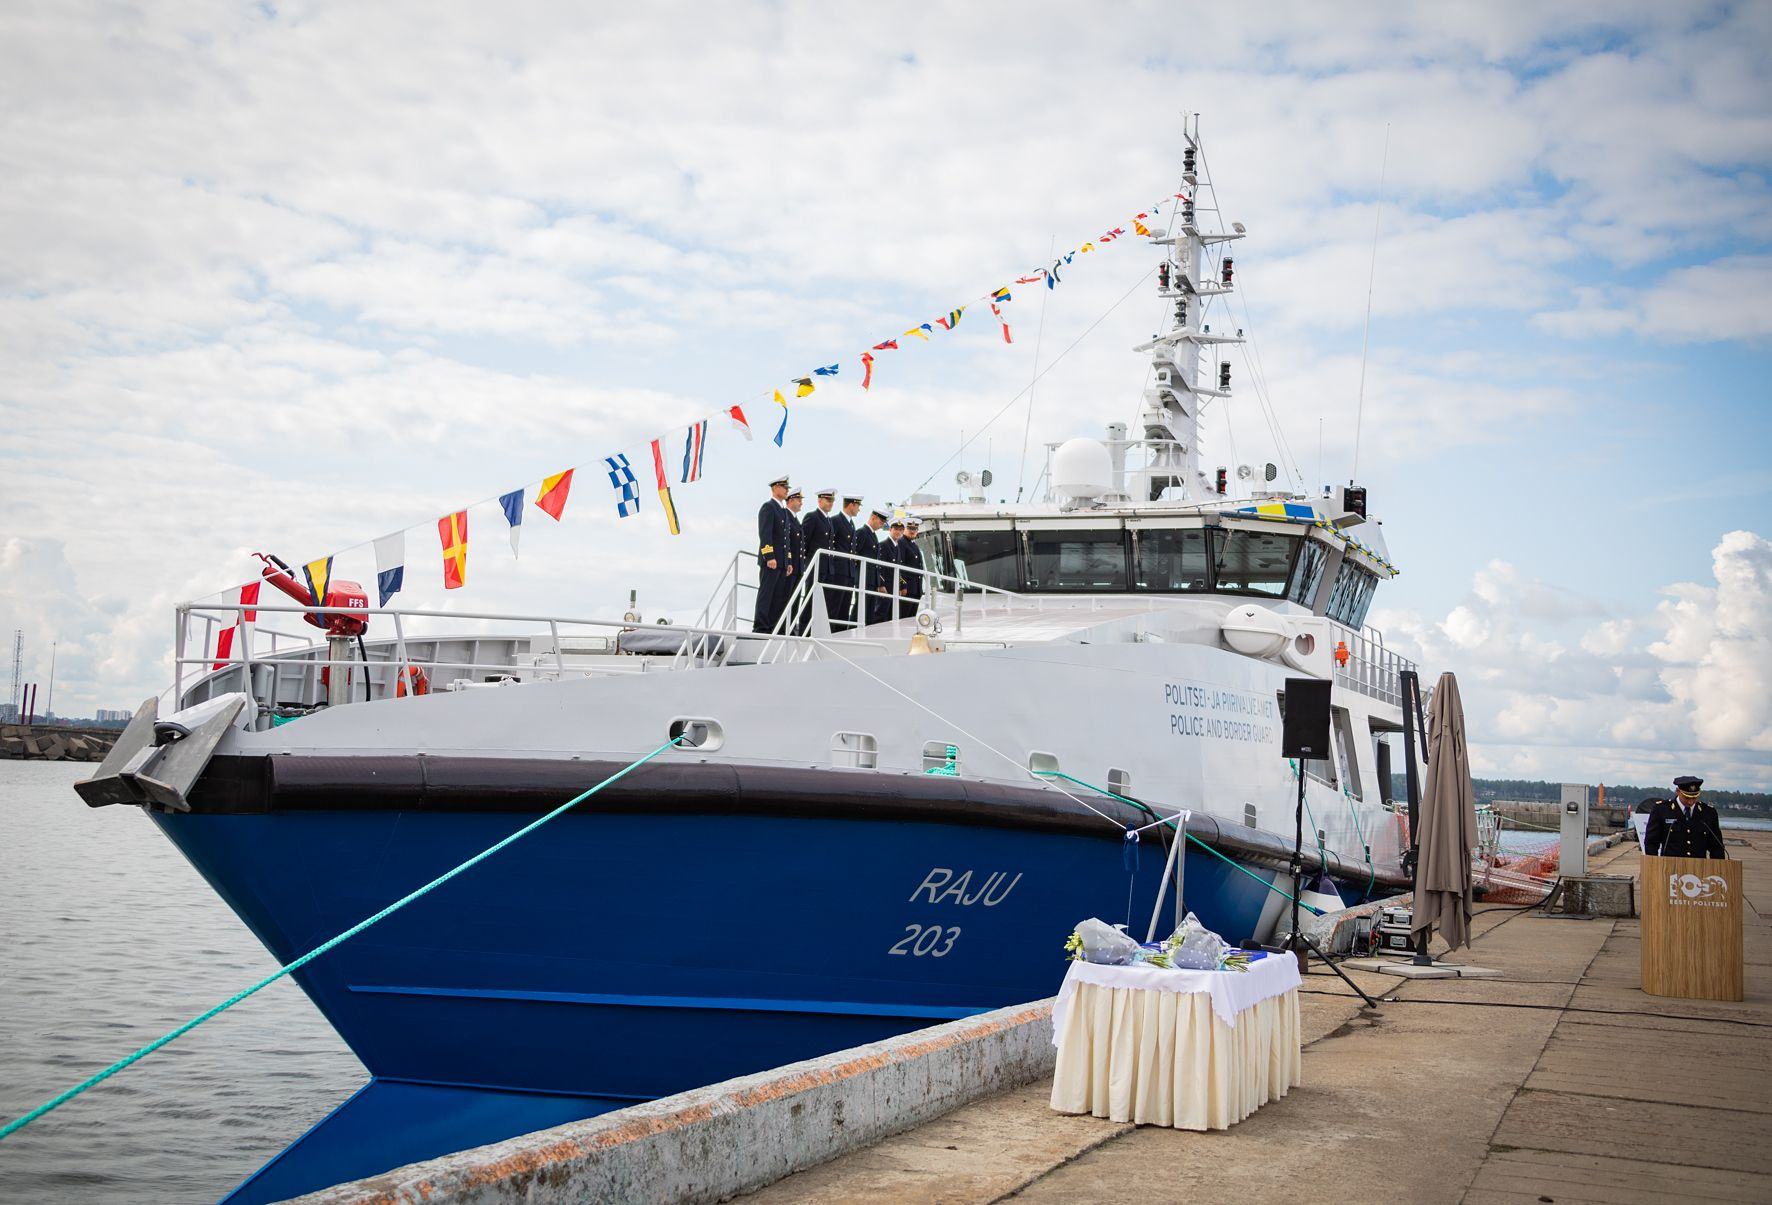 Новый эстонский патрульный корабль Workboats, Эстонии, постройки, Baltic, пограничной, службы, состав, эстонского, корабльPVL203, Таллин, патрульный, судостроительного, предприятия, полицейской, корабля, 16082018, Вступивший, также, Truuväärt, wwwpealinnee